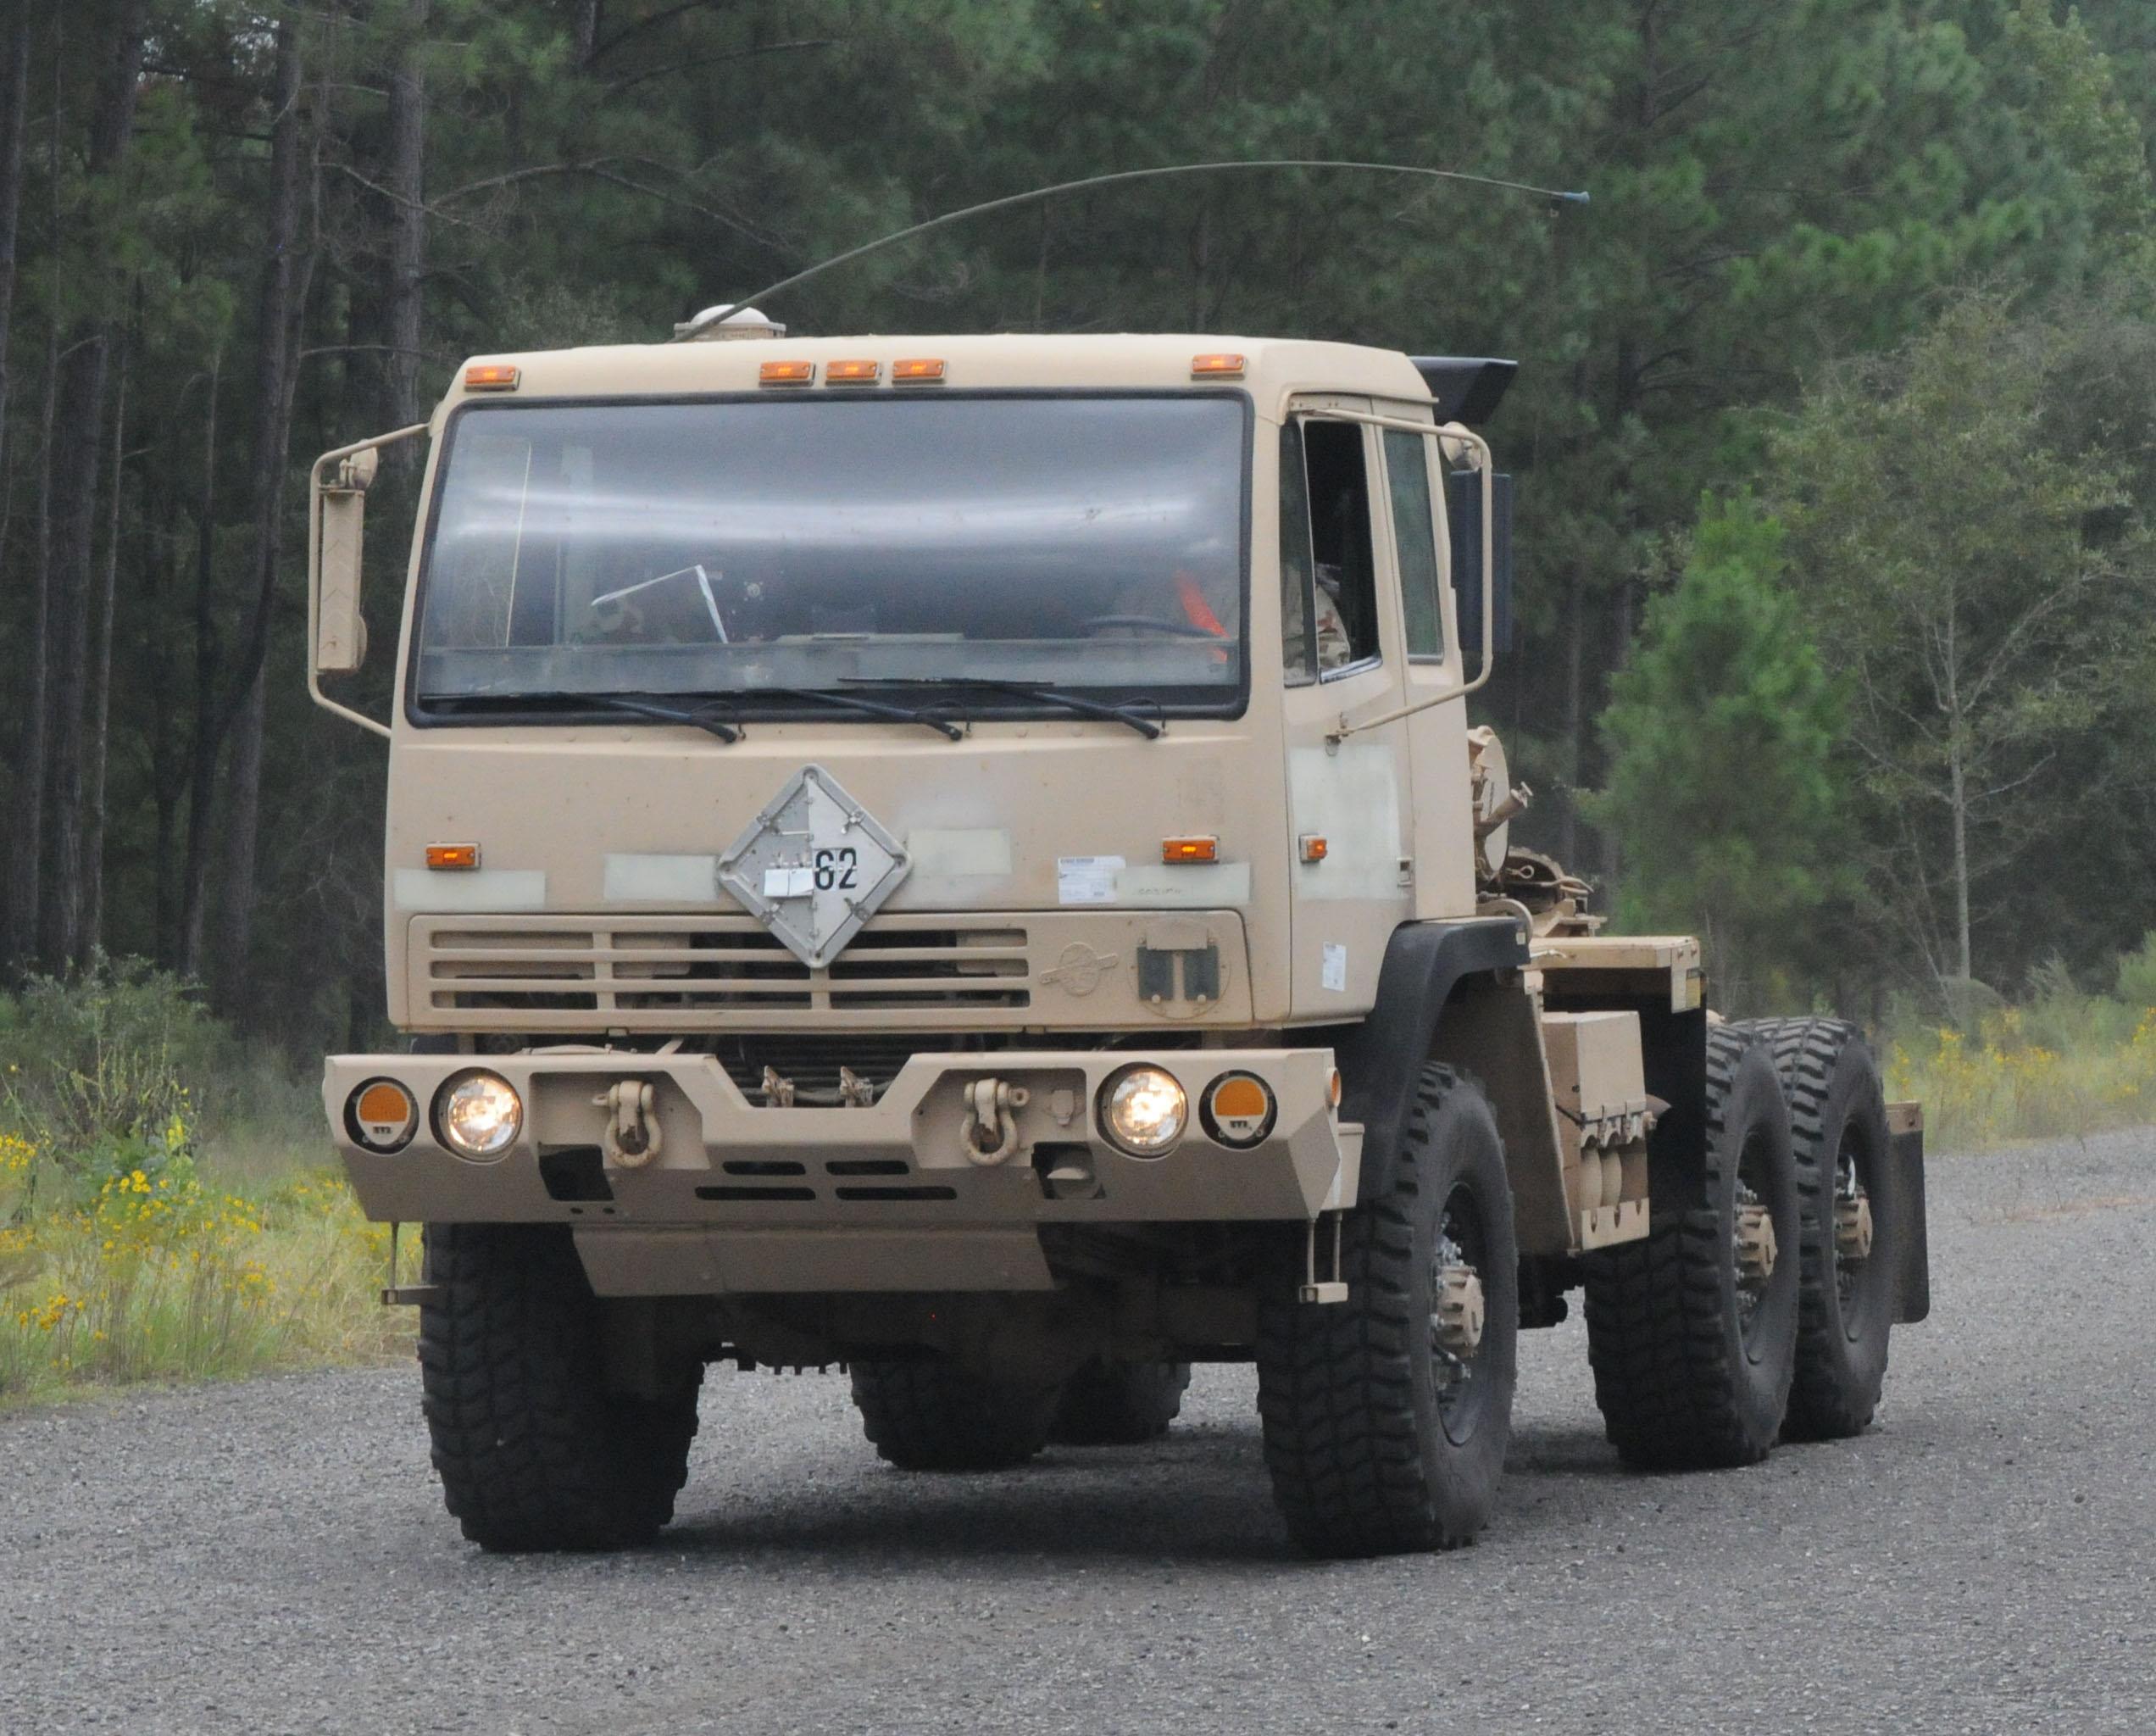 saurer truck bus M1088_of_260th_QM_Bn